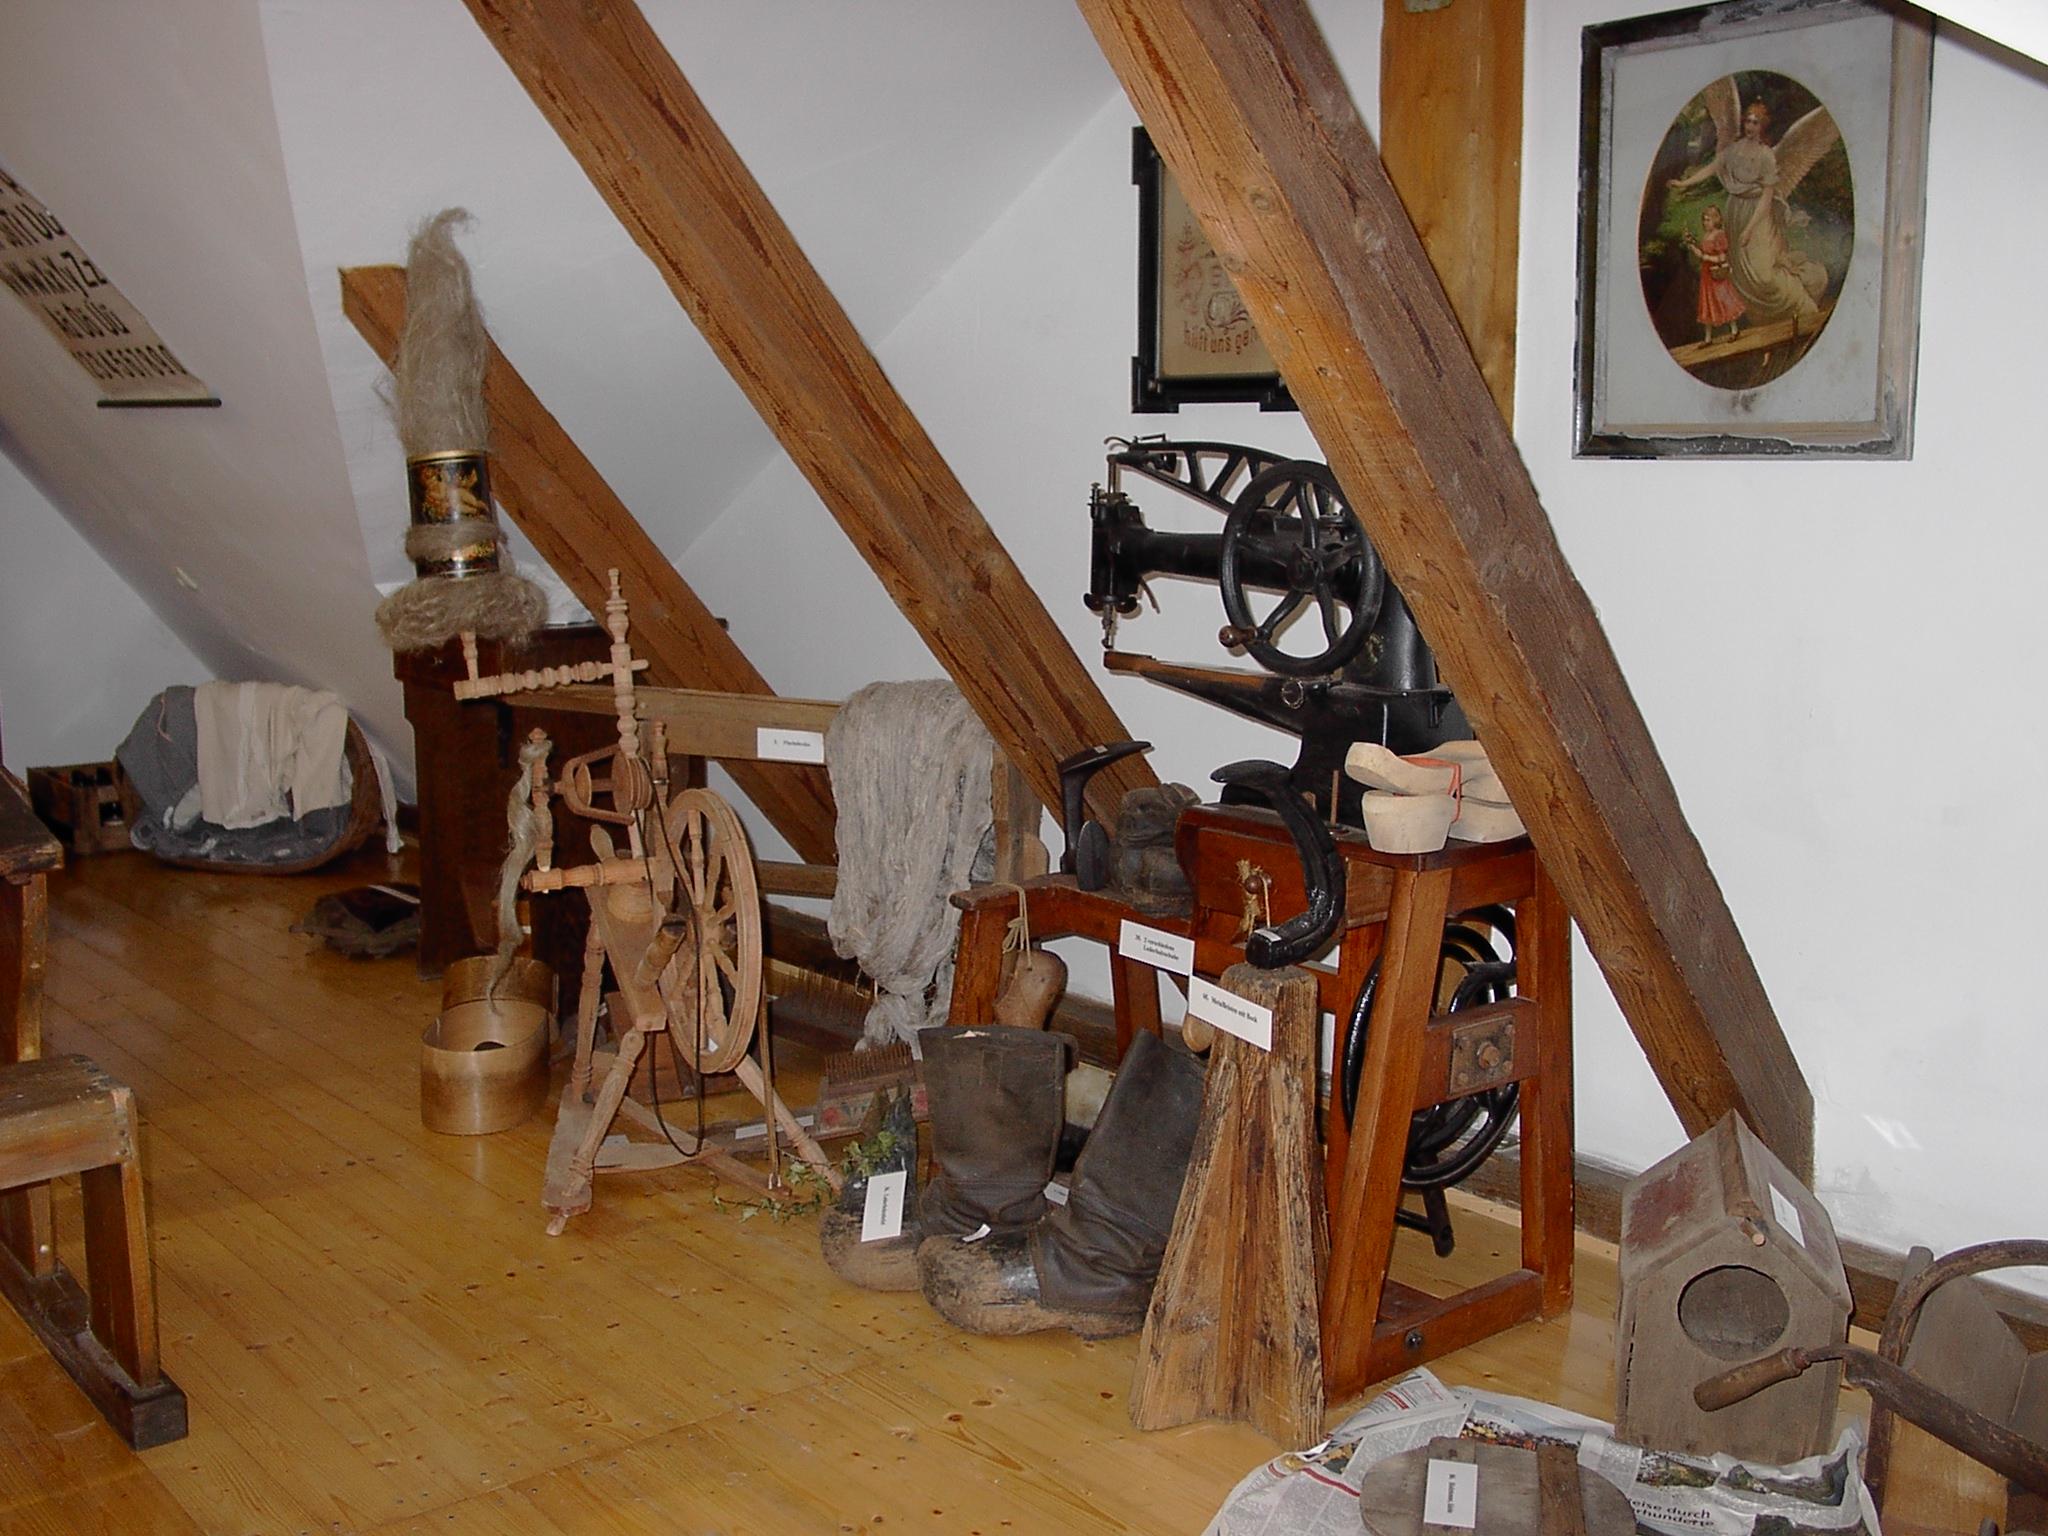 Museen_Doerps_Museum2